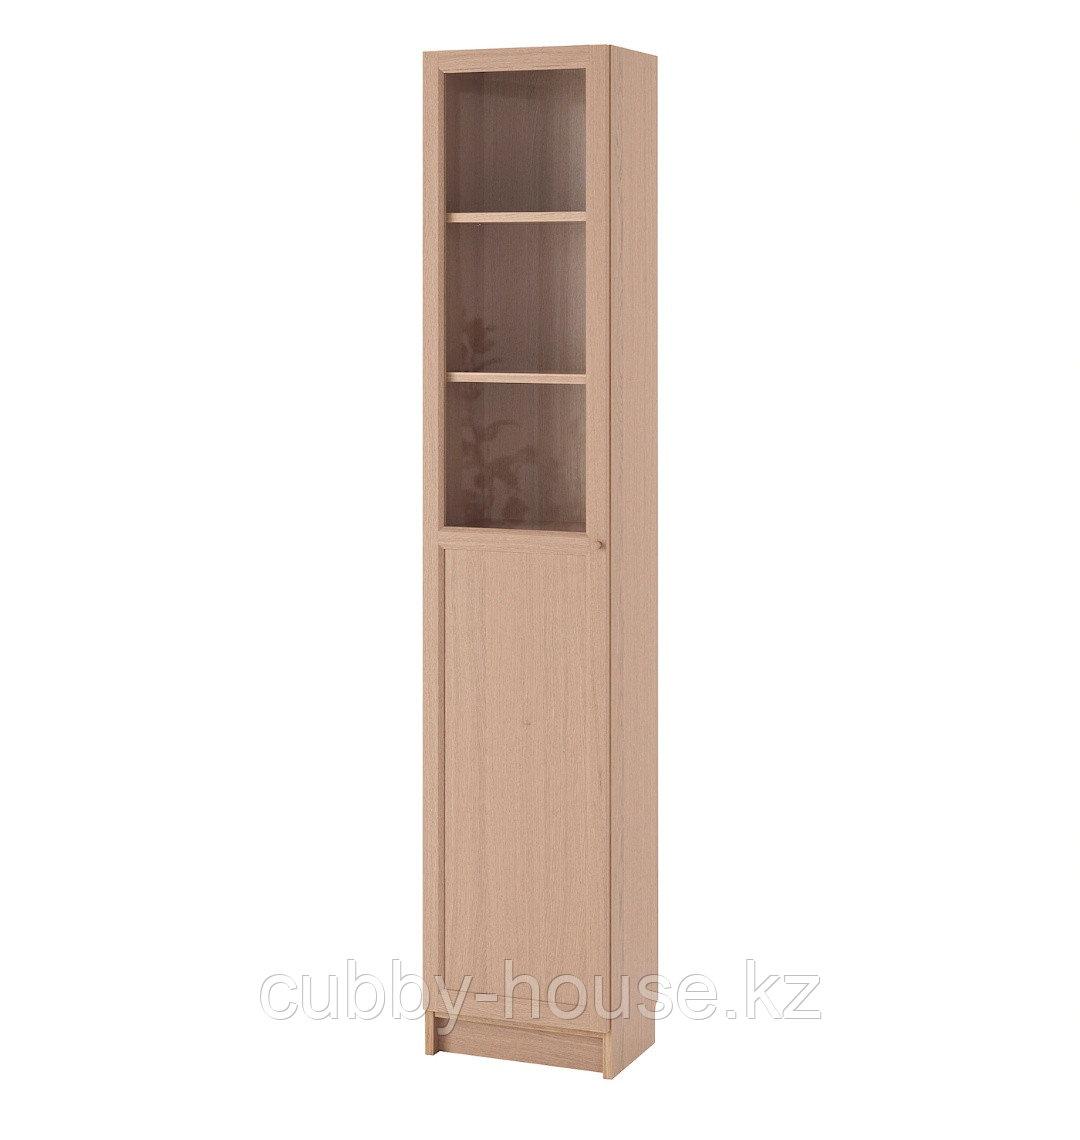 BILLY БИЛЛИ / OXBERG ОКСБЕРГ Стеллаж/панельная/стеклянная дверь, дубовый шпон 40x30x202 см